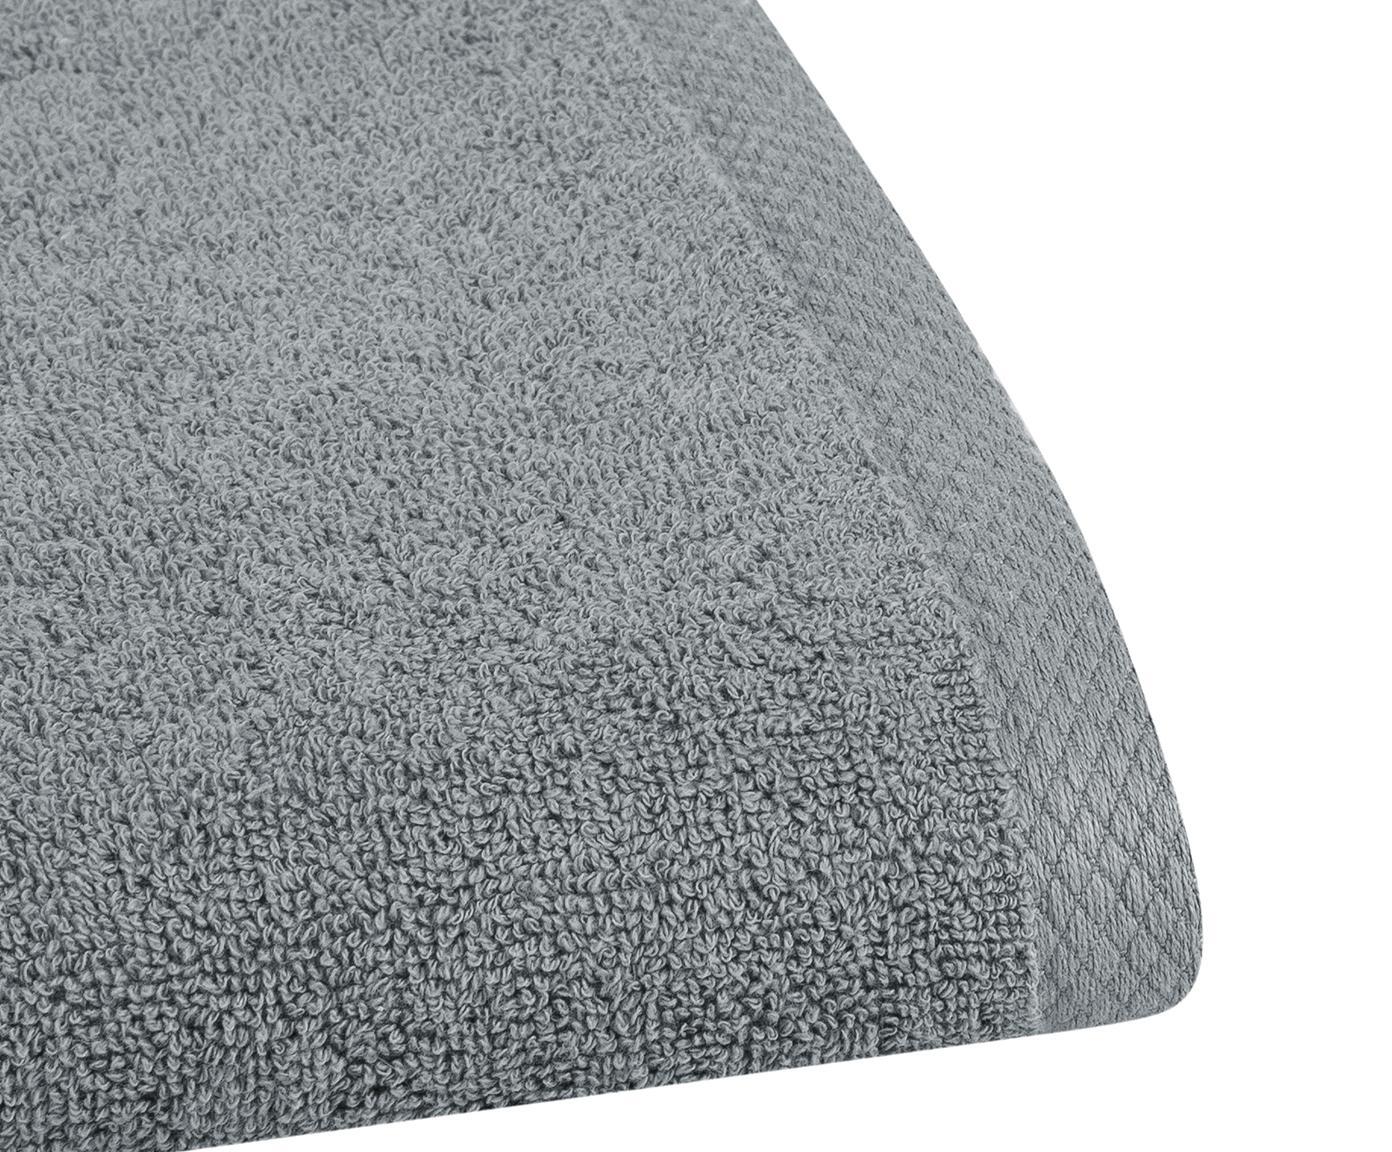 Einfarbiges Handtuch Comfort, verschiedene Grössen, Dunkelgrau, Gästehandtuch